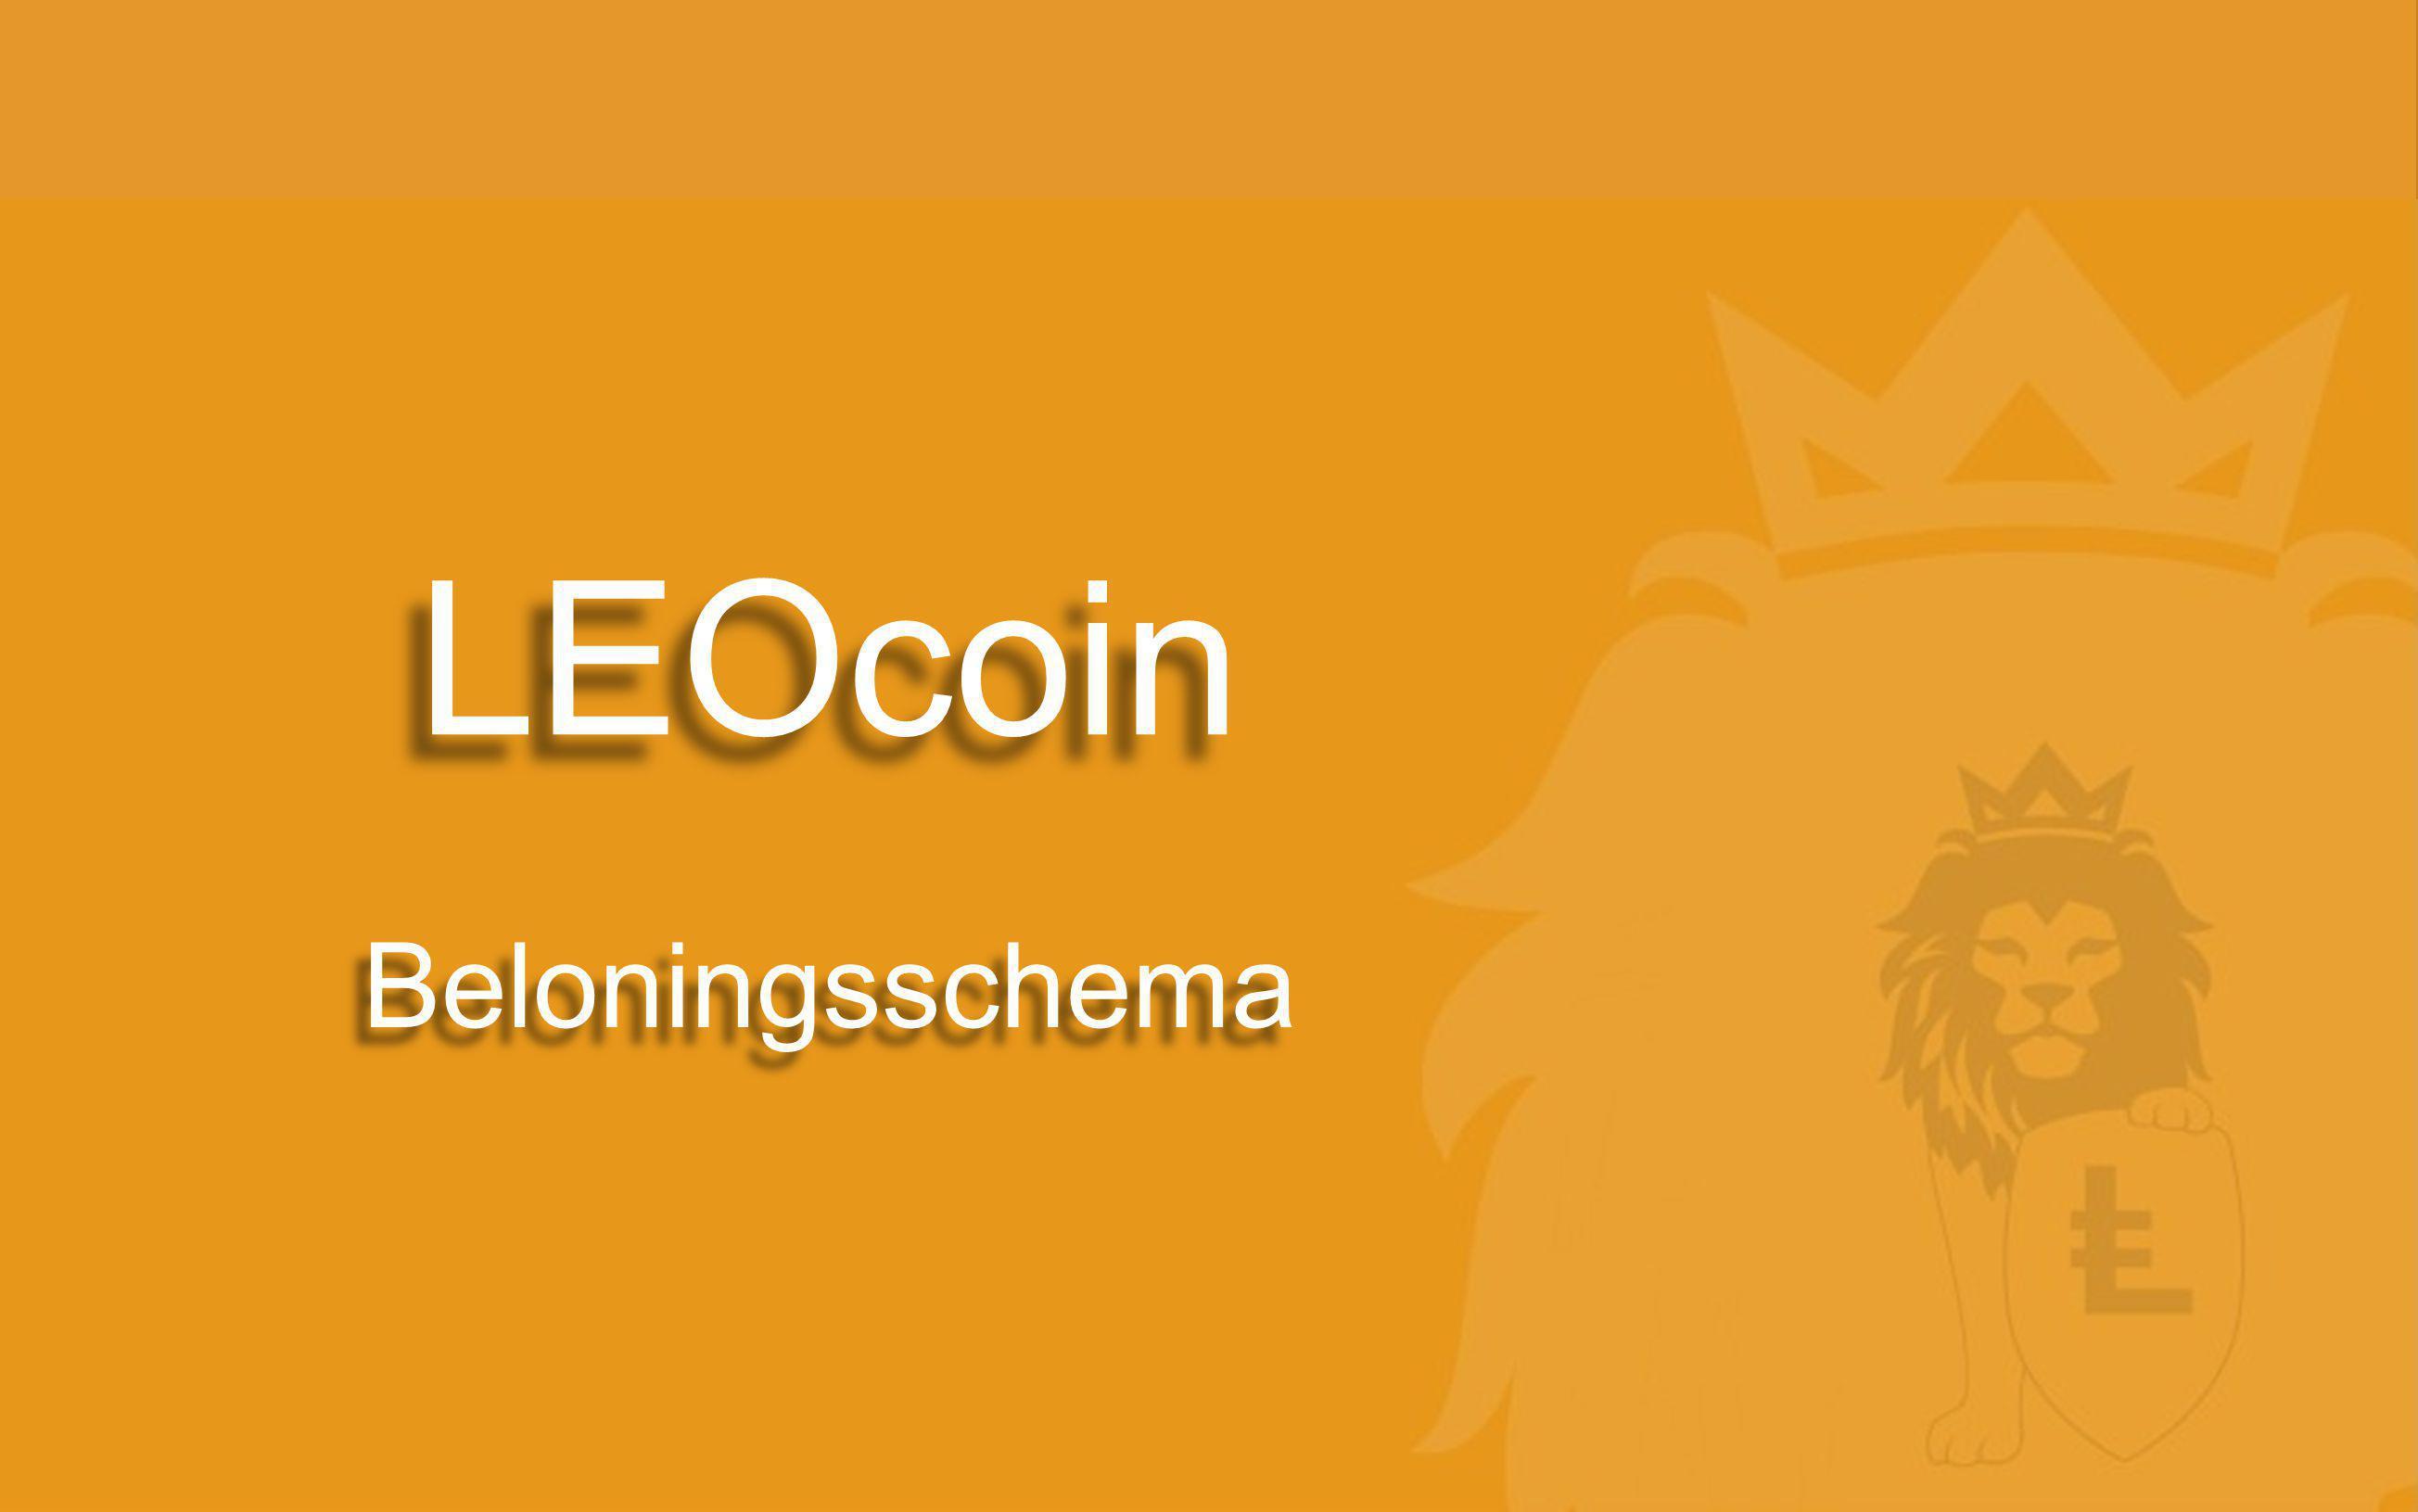 LEOcoin Beloningsschema